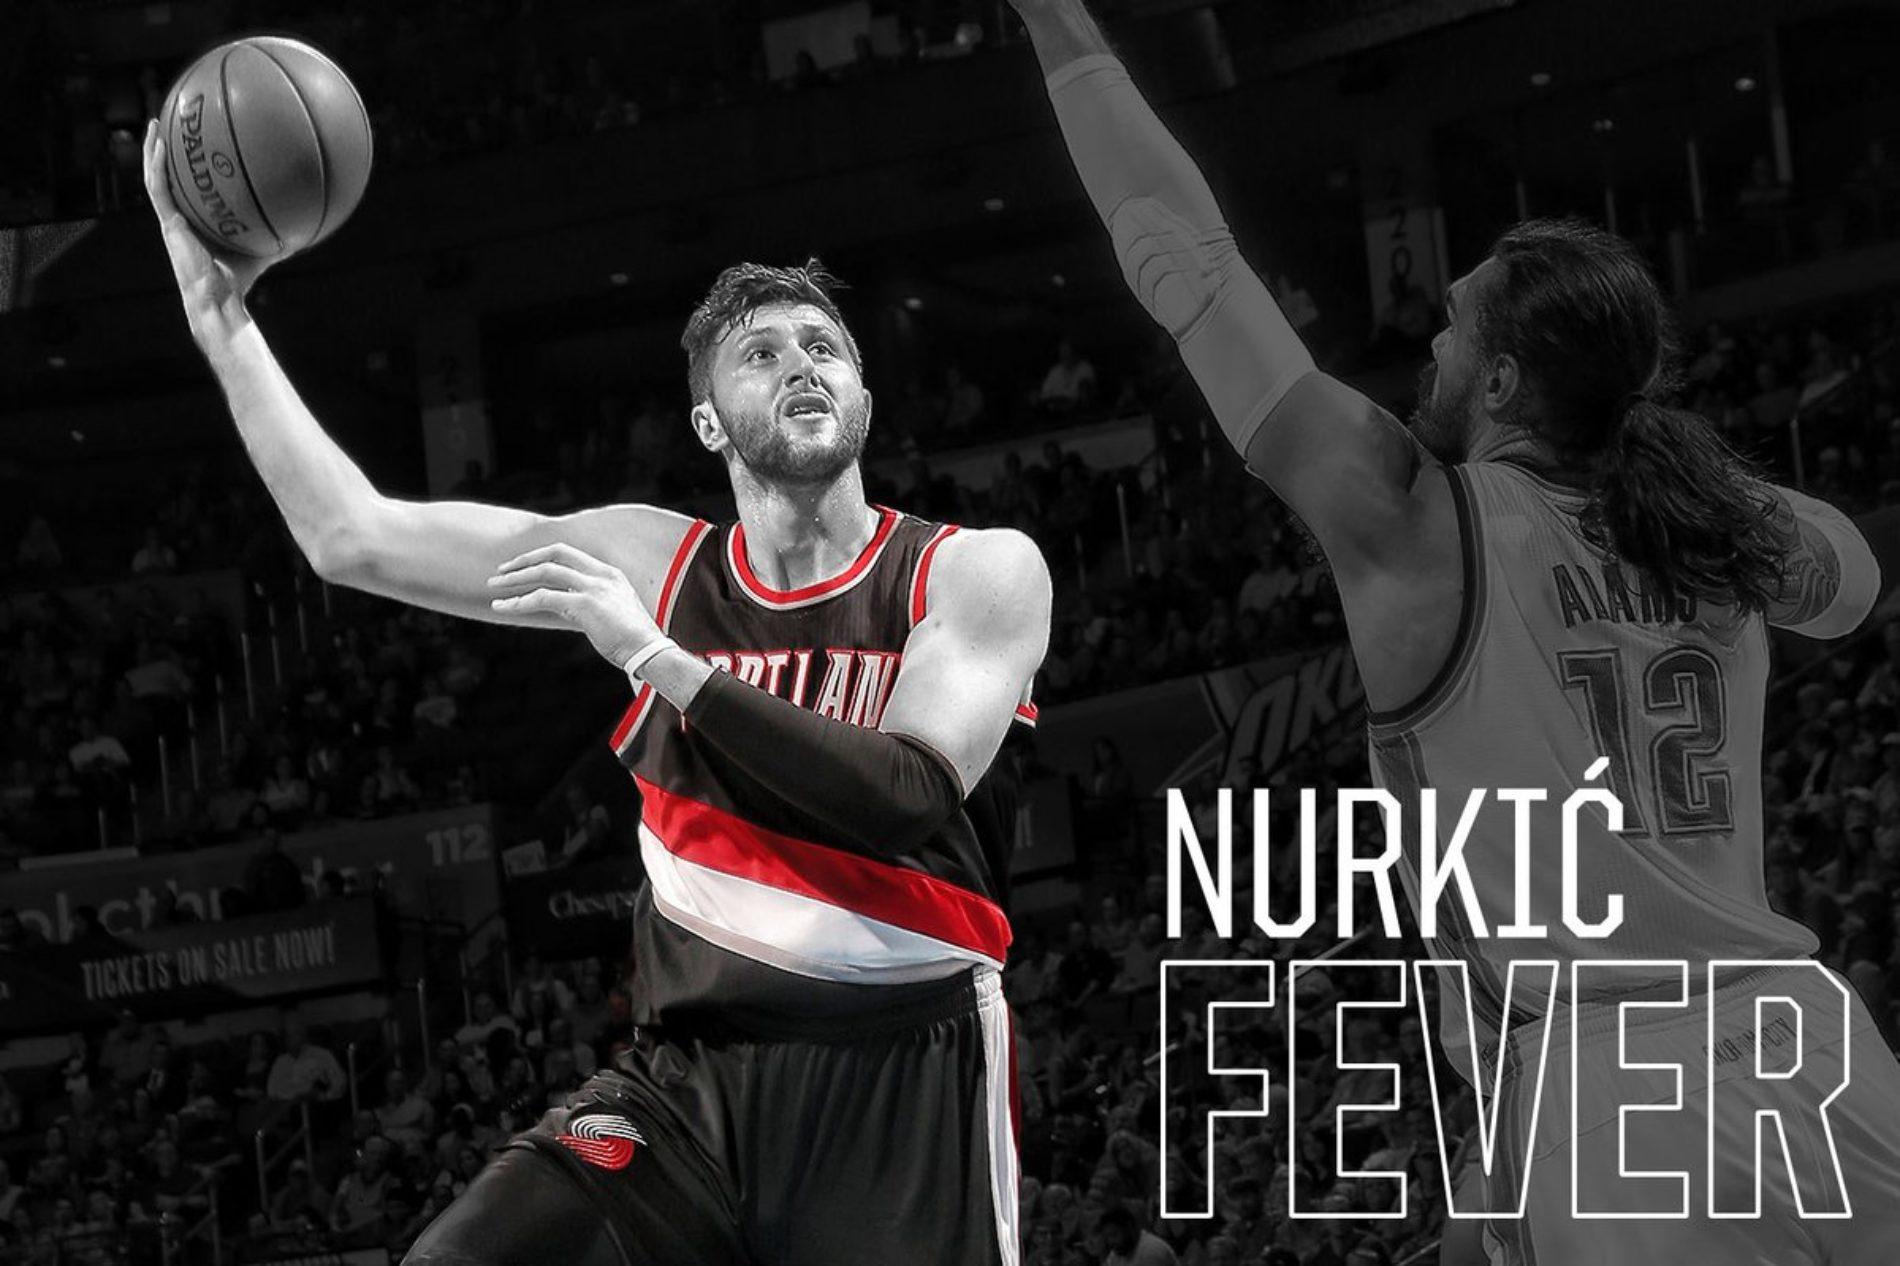 """Nurkić """"zaludio"""" sve u Portlandu: Bosanski NBA košarkaš na najbolji način promoviše svoju domovinu"""